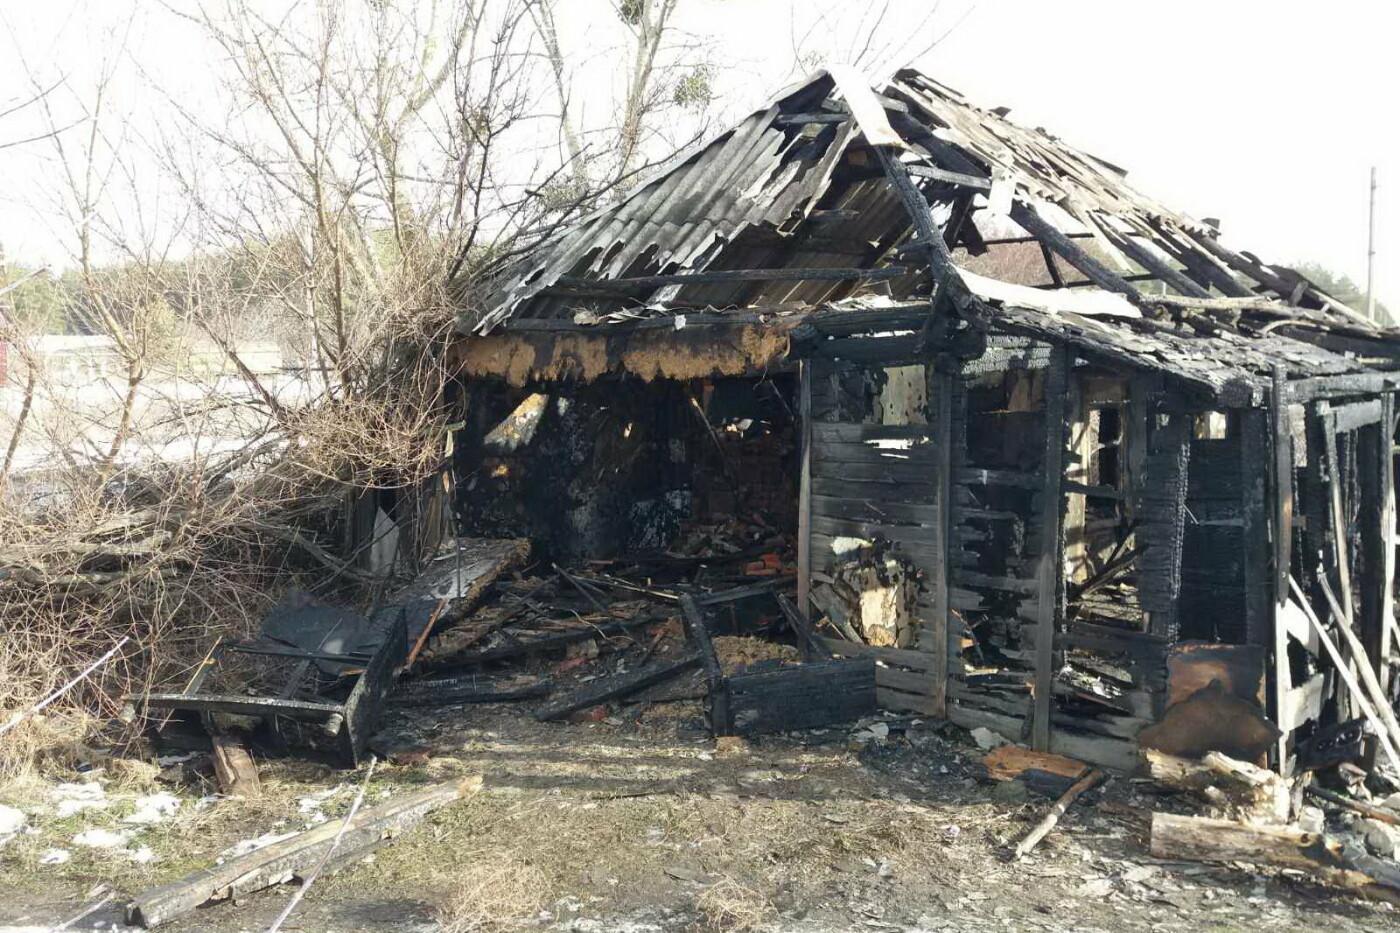 На Харьковщине загорелся дом. Внутри задымленного помещения спасатели нашли тело мужчины, - ФОТО, фото-2